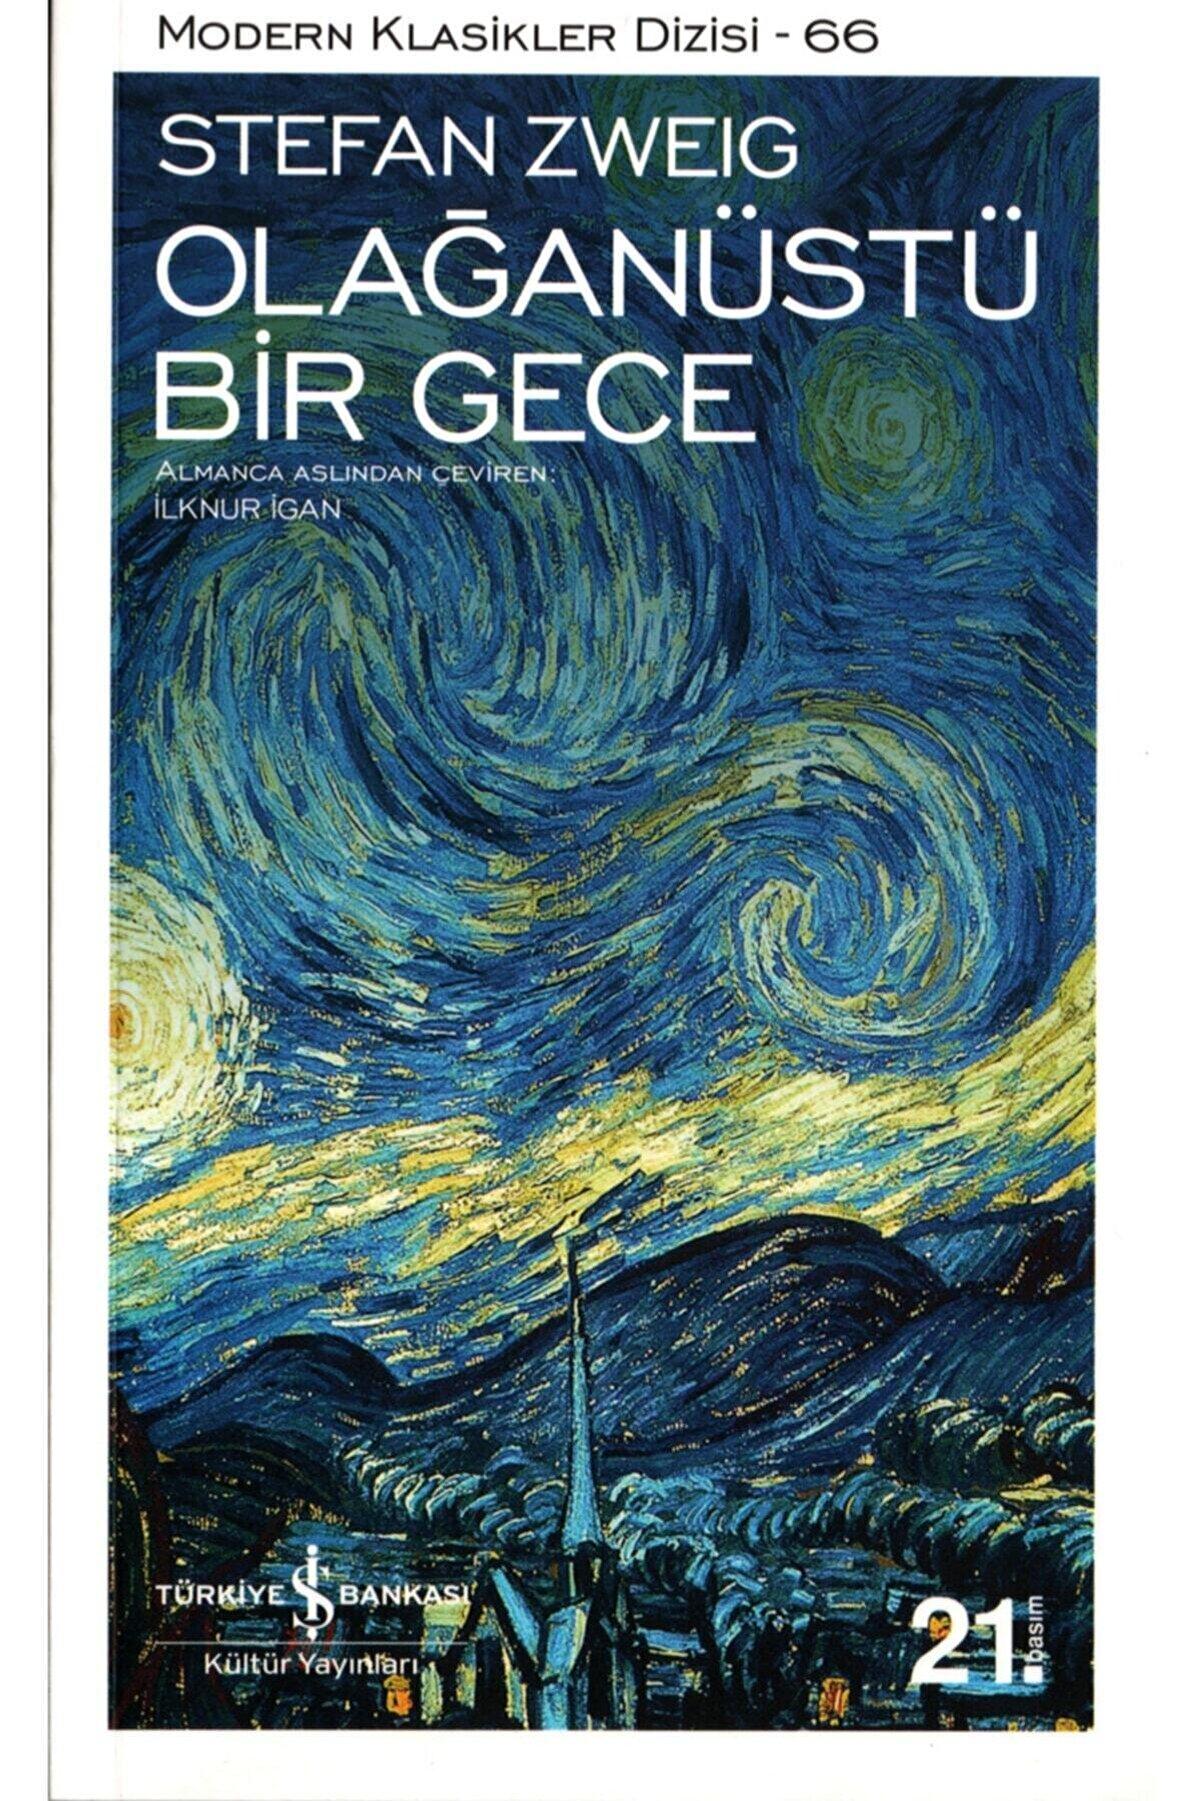 İş Bankası Kültür Yayınları Olağanüstü Bir Gece  Stefan Zweig